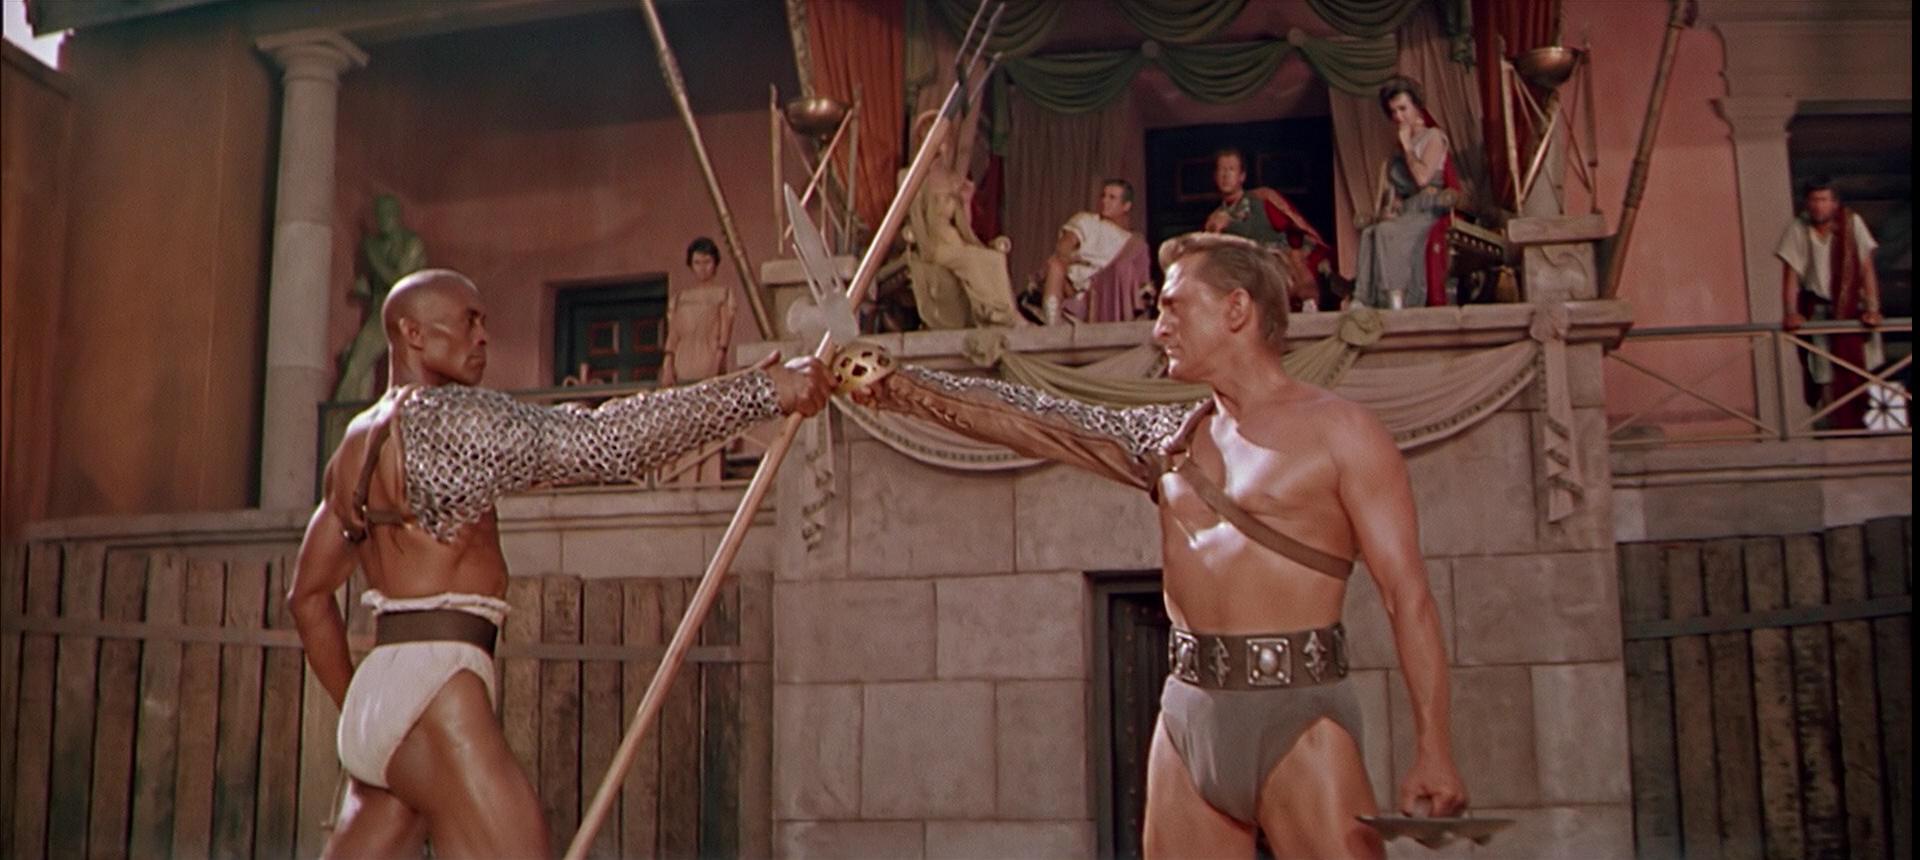 spartacus-fight